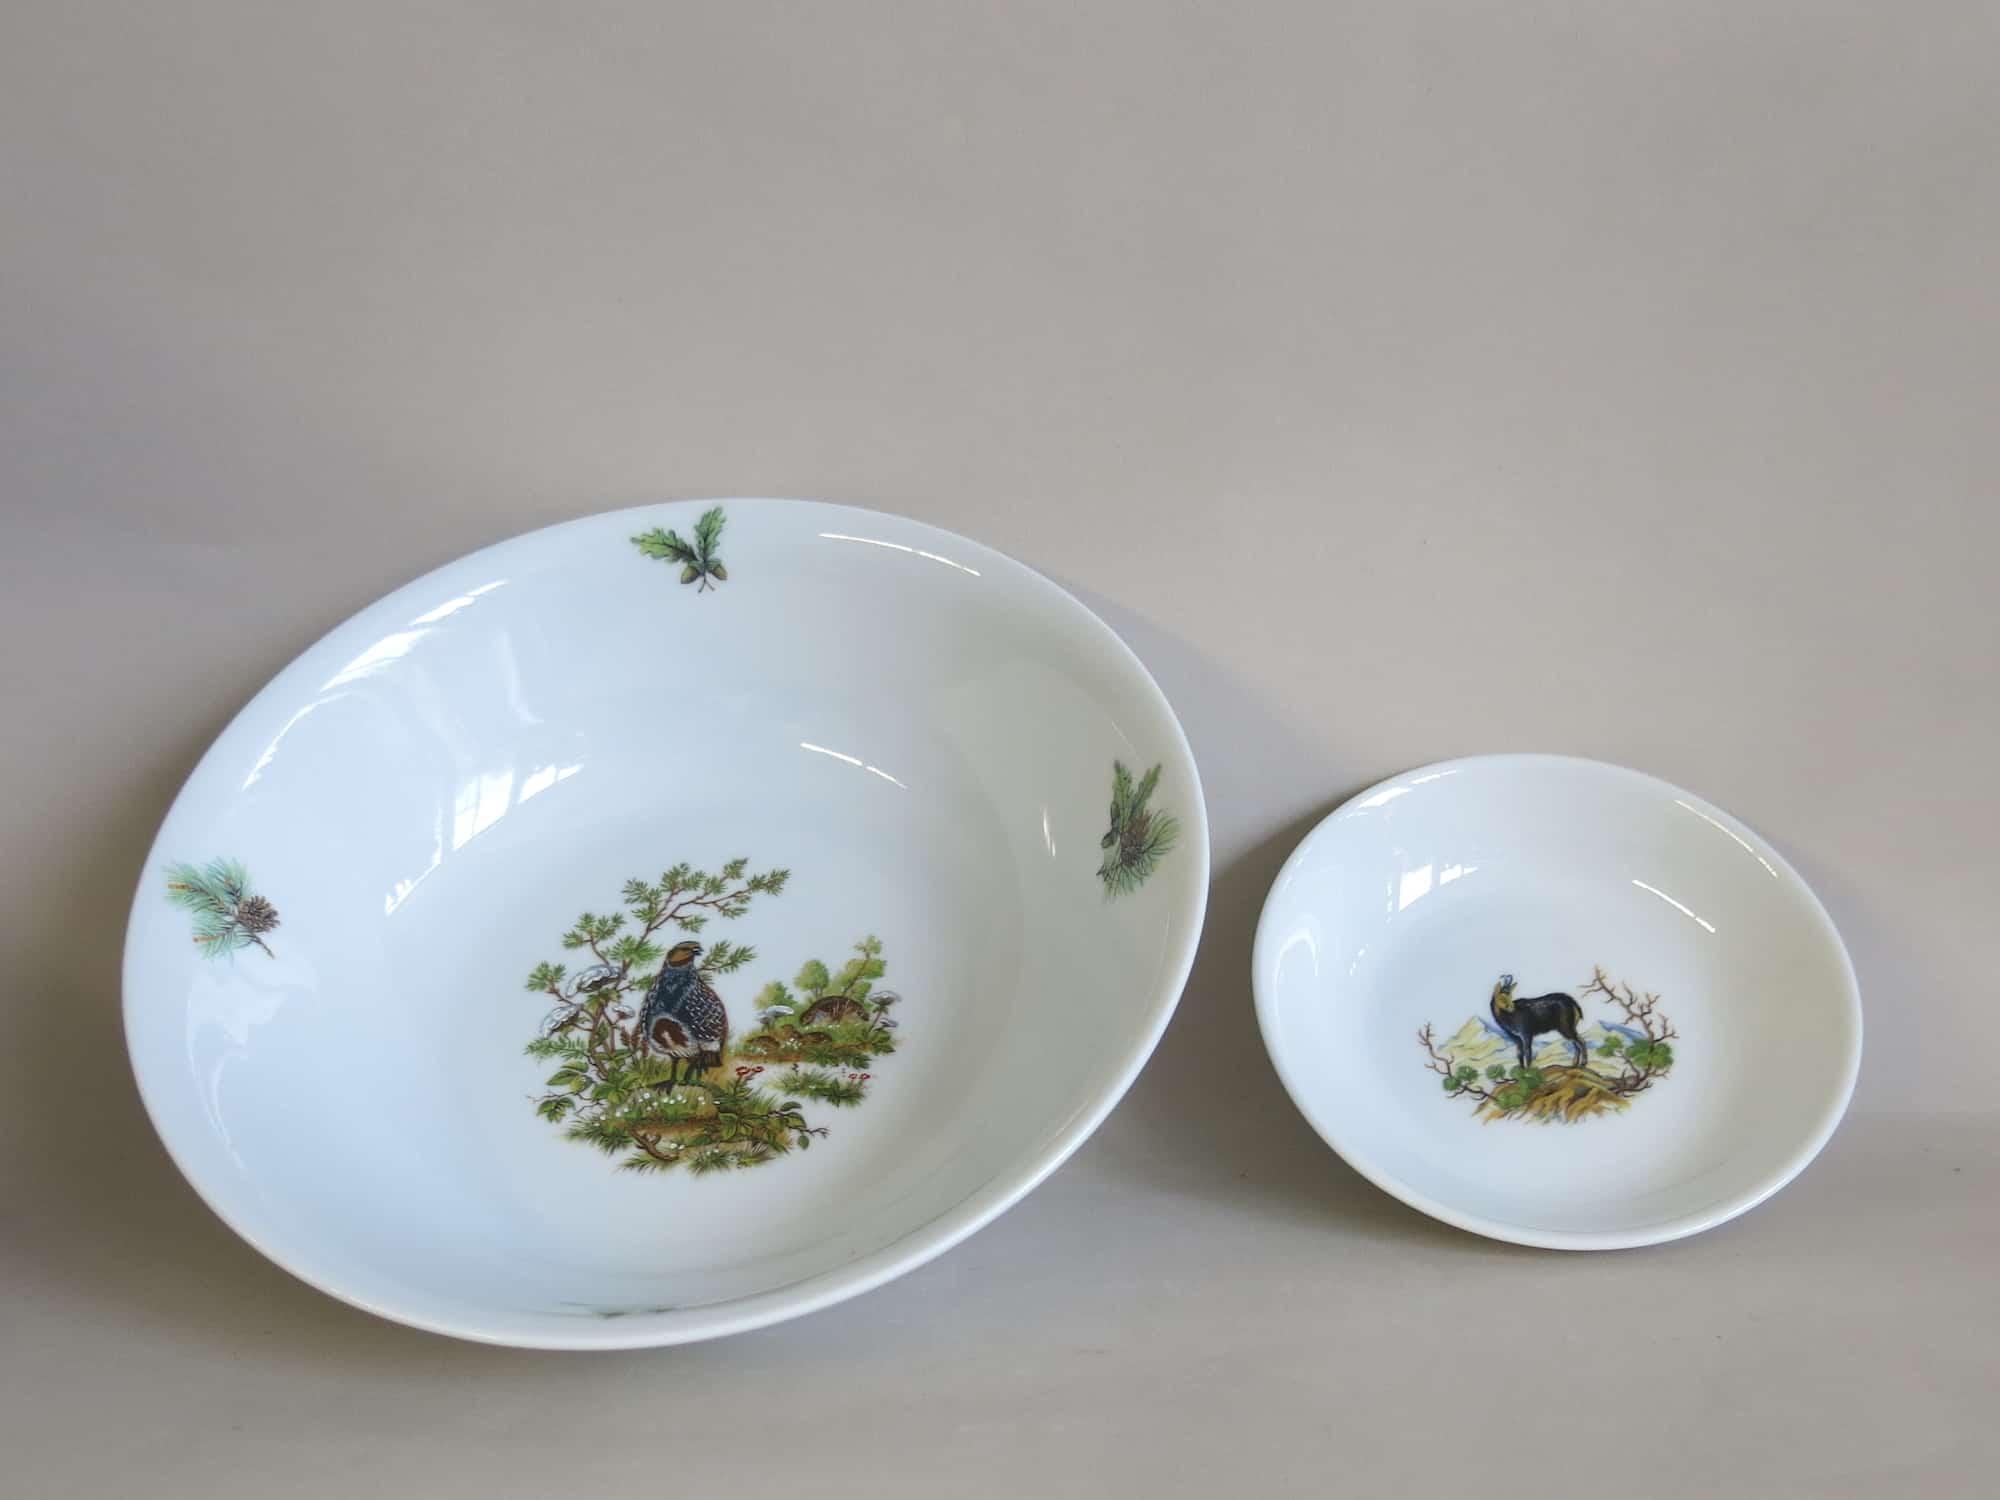 Glatte Porzellanschüssel Olympia 23 cm mit Rebhuhn und 13 cm mit Gemse